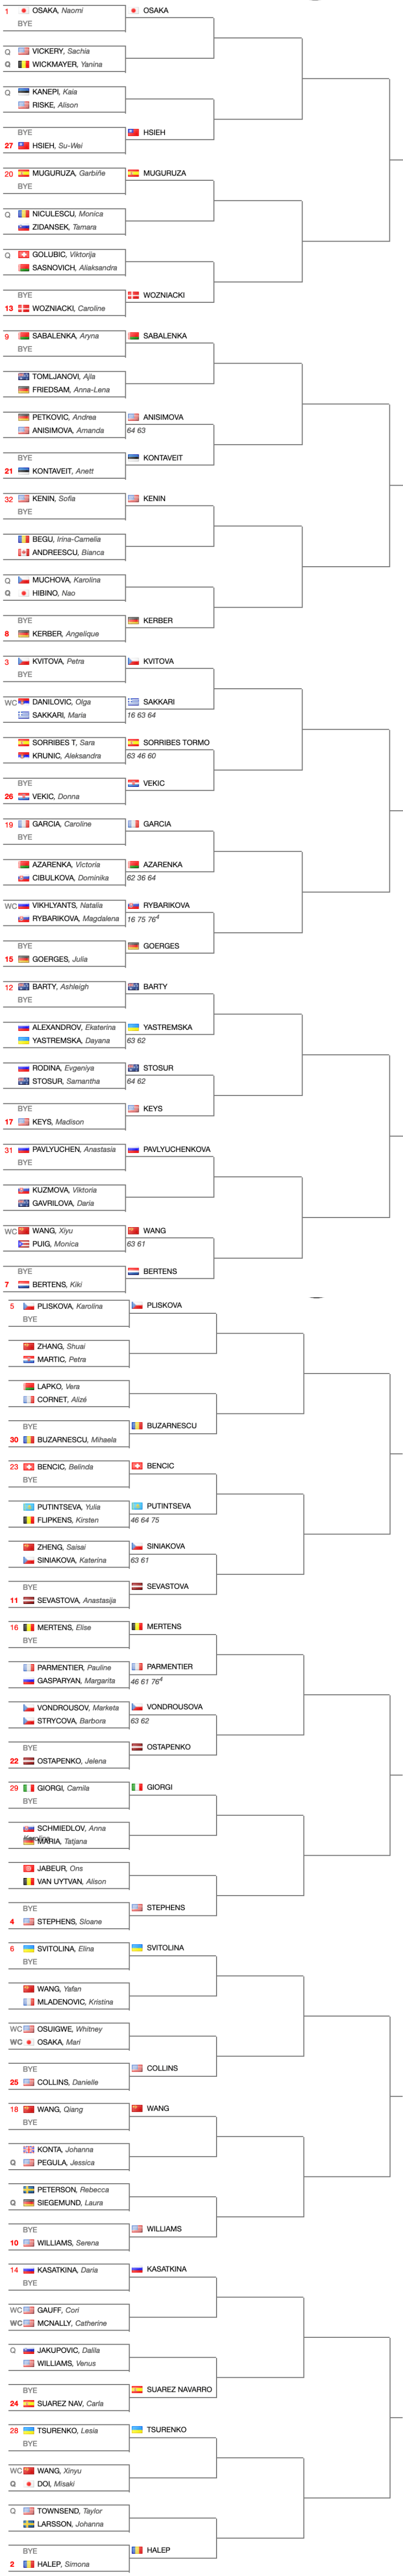 Sorteggio-tabellone-torneo-femminile-Miami-Open-2019